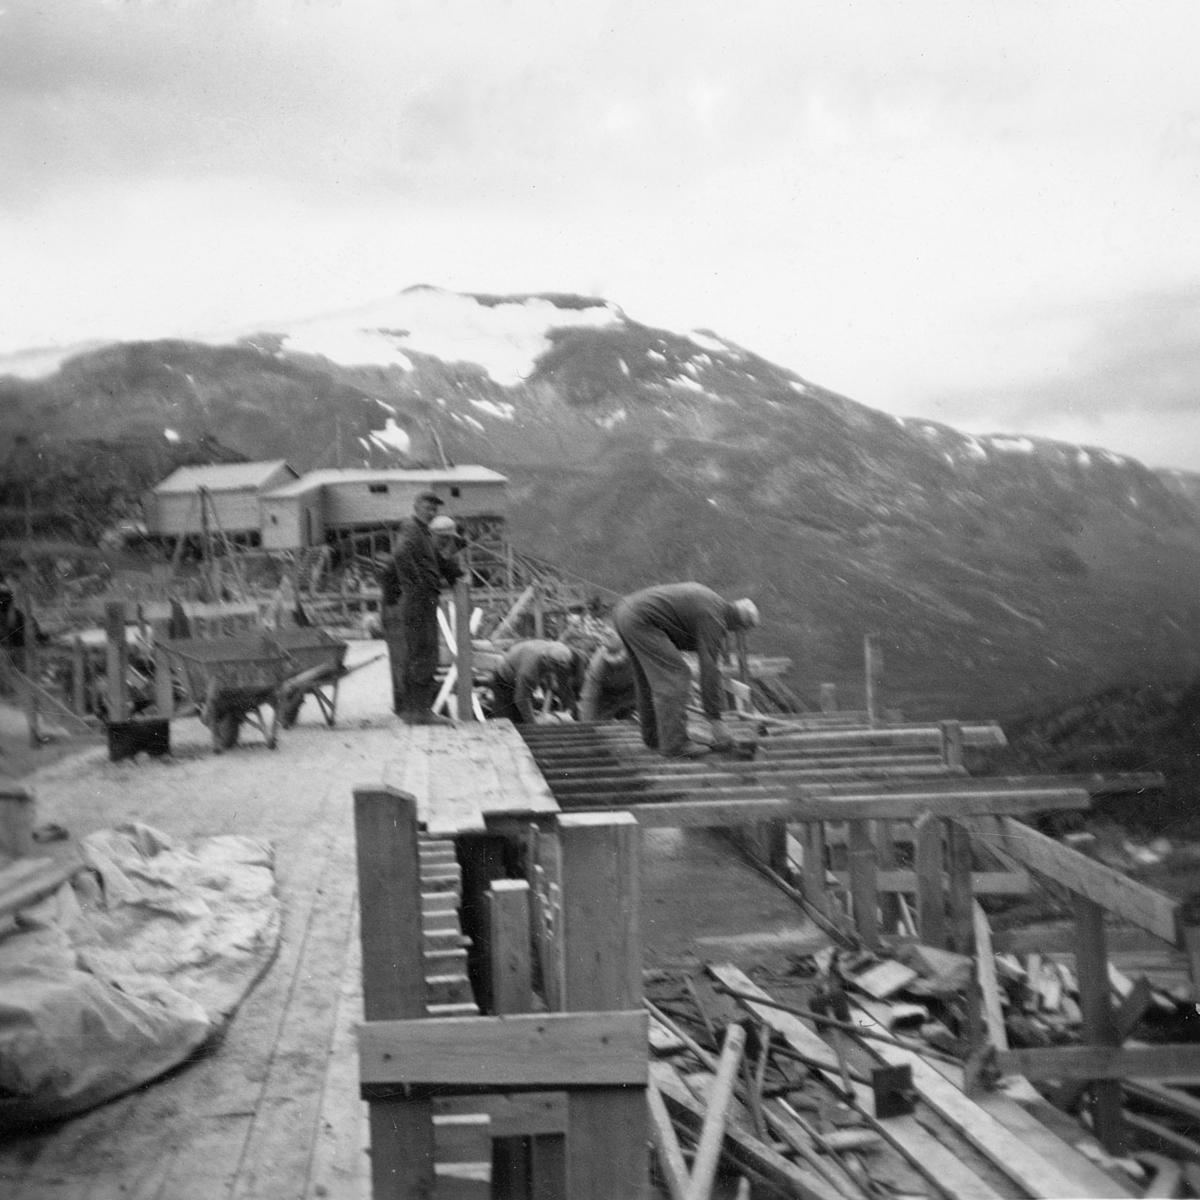 Kraftutbygging i Gravdalen, demning, kraftverk